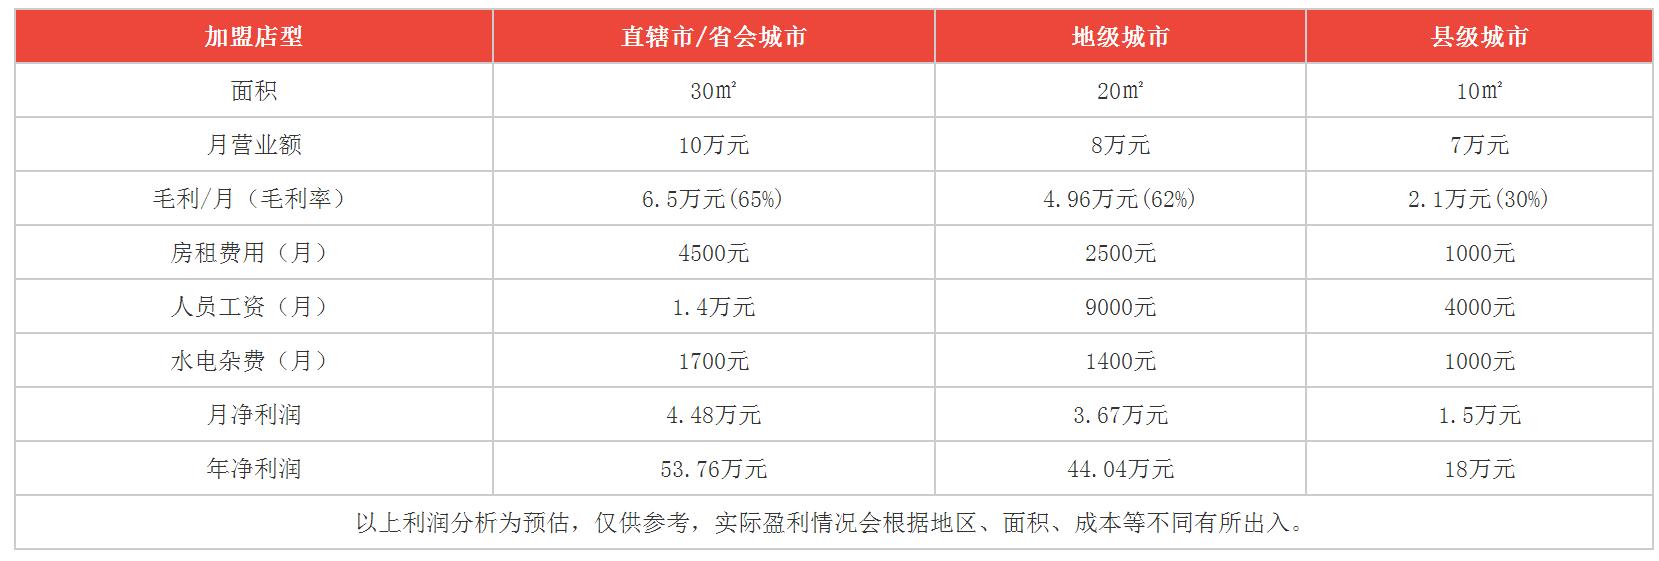 水果糖奶茶利润分析